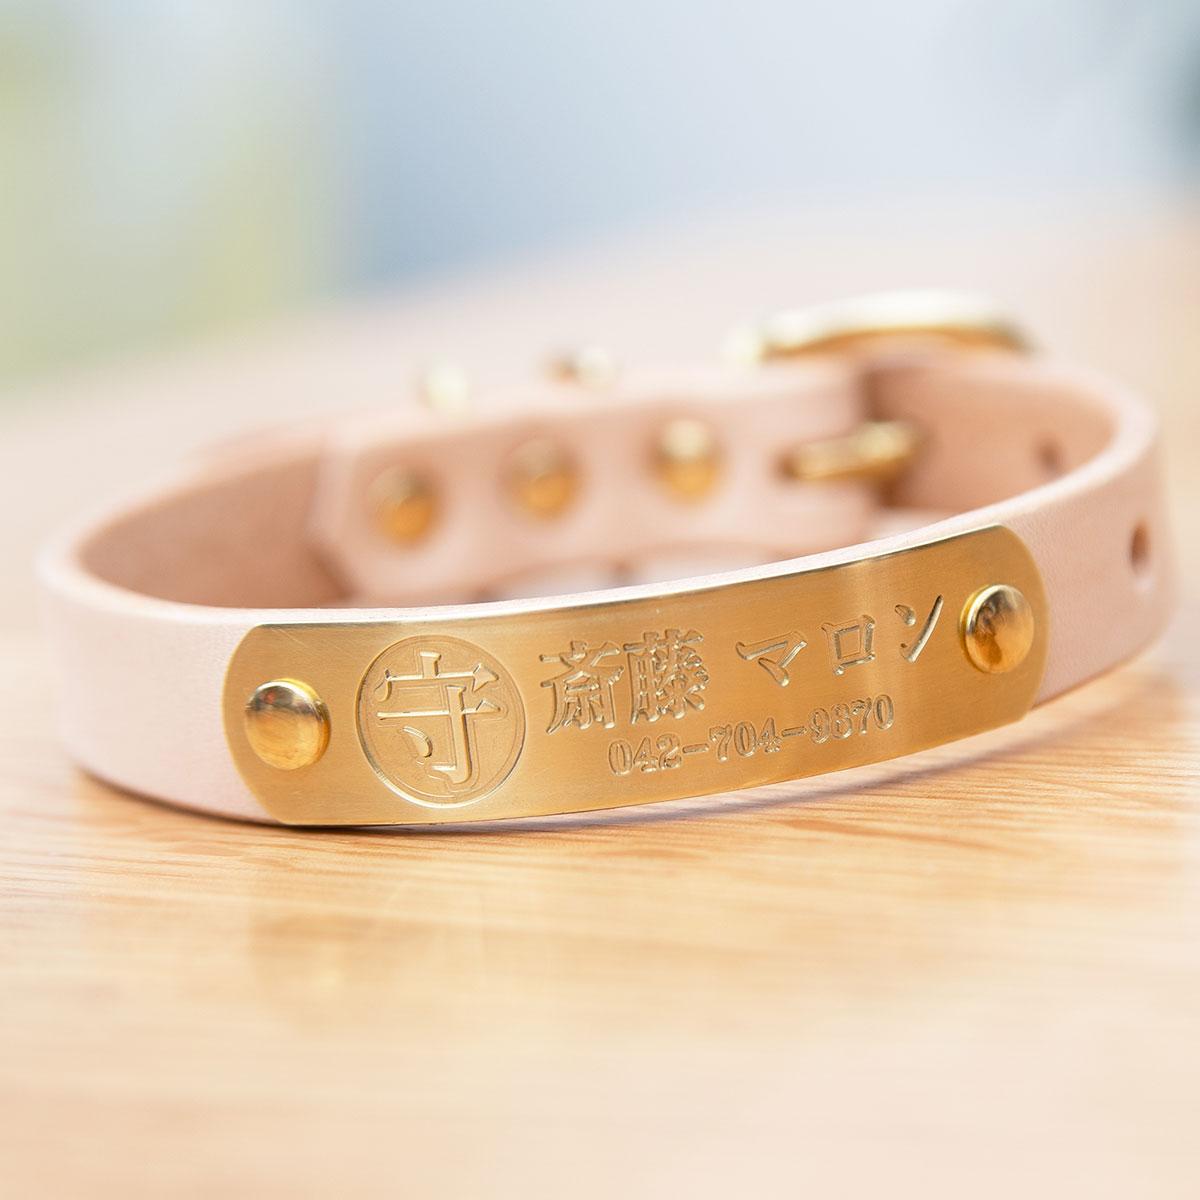 好きな漢字1文字 切削彫刻 迷子札付首輪 おなまえ首輪 真鍮彫刻プレート付 本ヌメ革/本革 手仕上げ  真鍮金具 首輪(小型犬・中型犬) A88899 (SS〜Lサイズ 3-14kg)